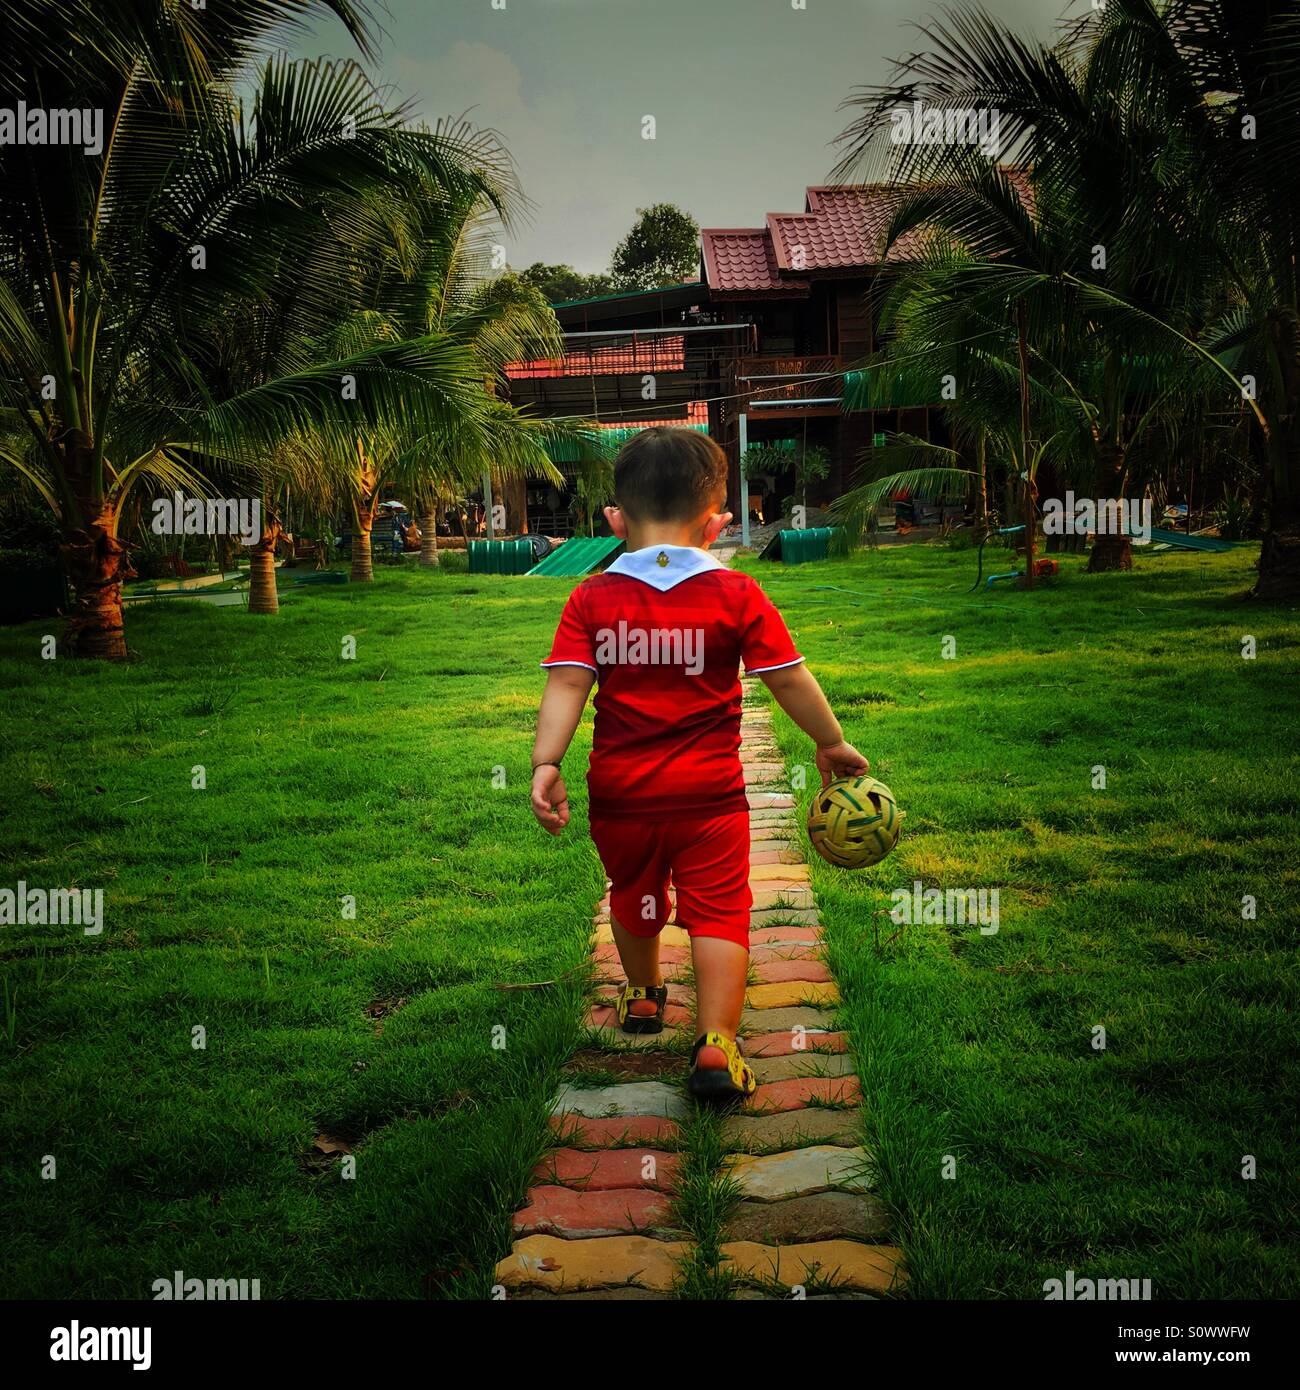 El muchacho caminando con una bola en su mano Imagen De Stock